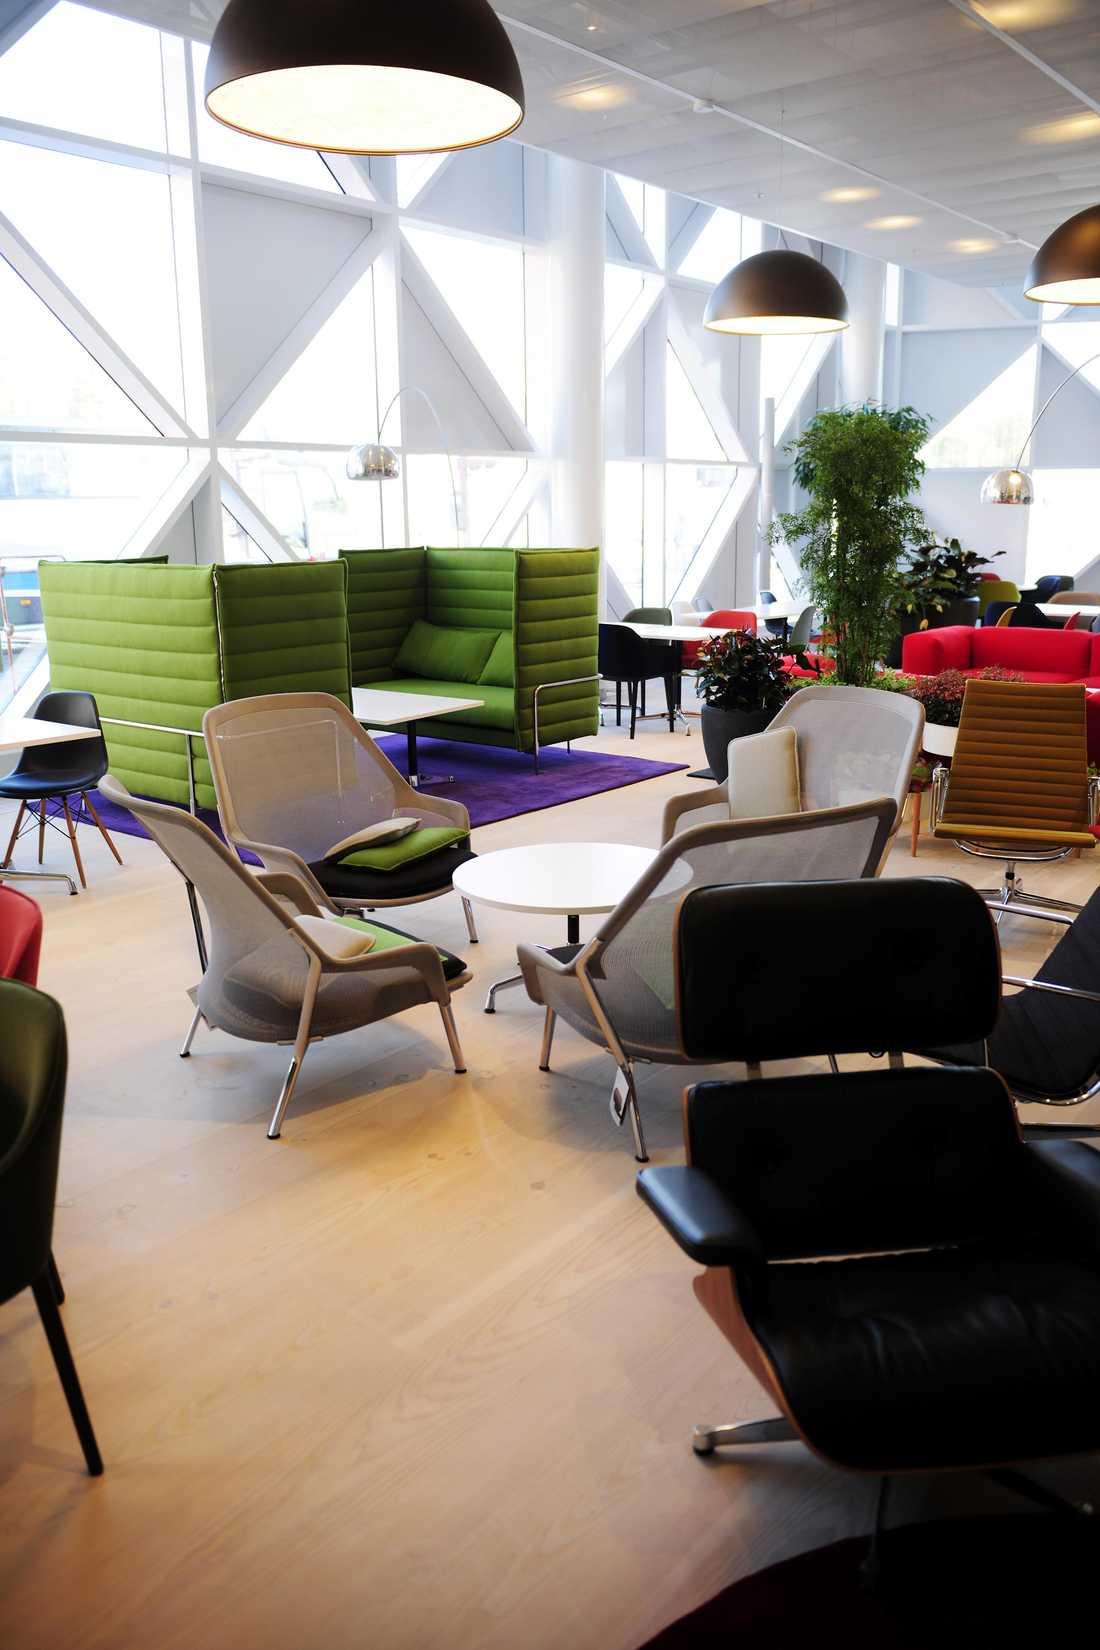 Lobbyloungen är ett färgsprakande landskap med massor av stolar i olika stilar och färger.